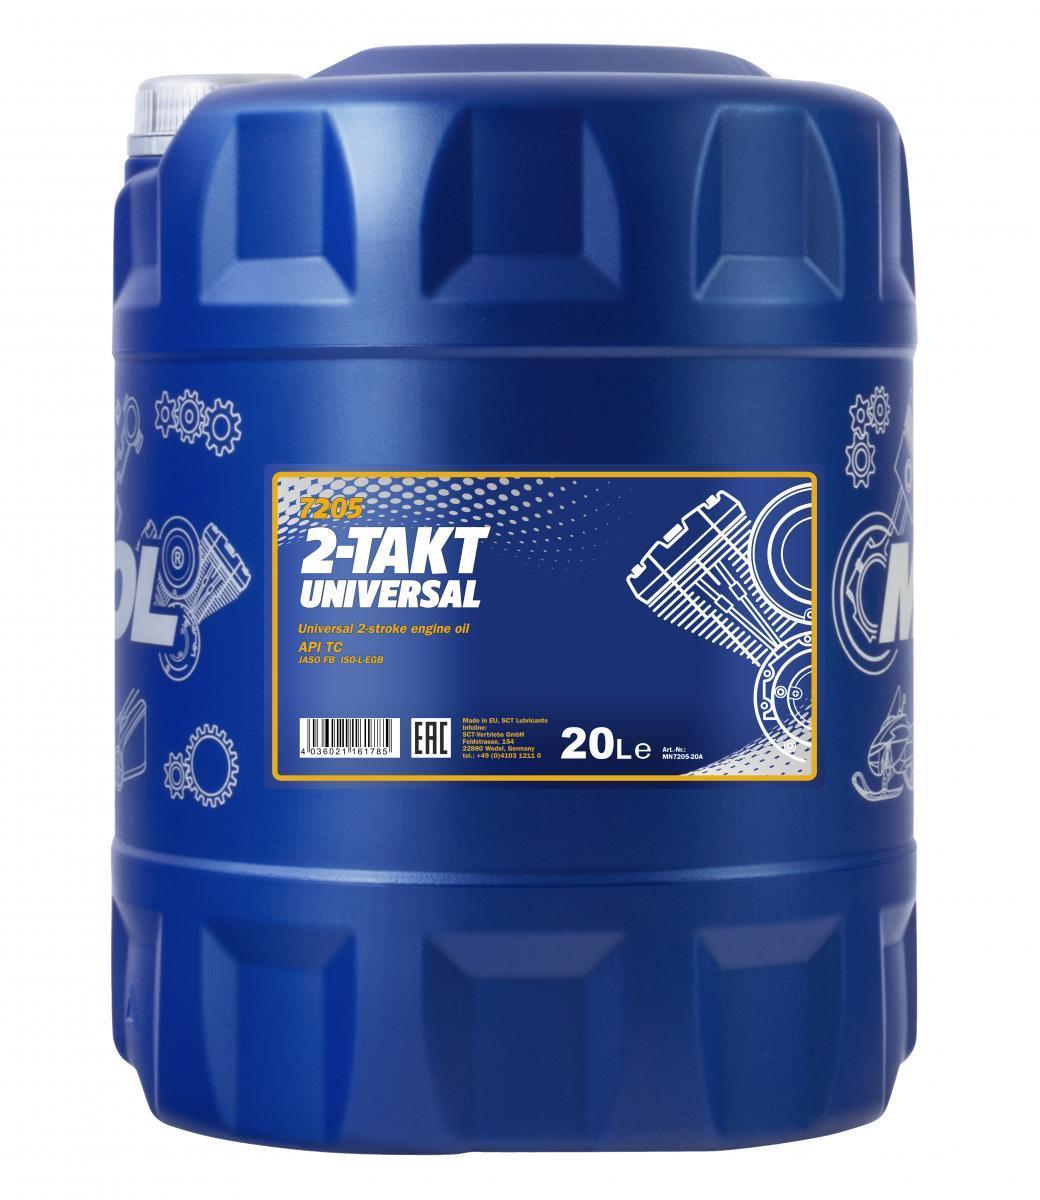 Двигателно масло MN7205-20 на ниска цена — купете сега!